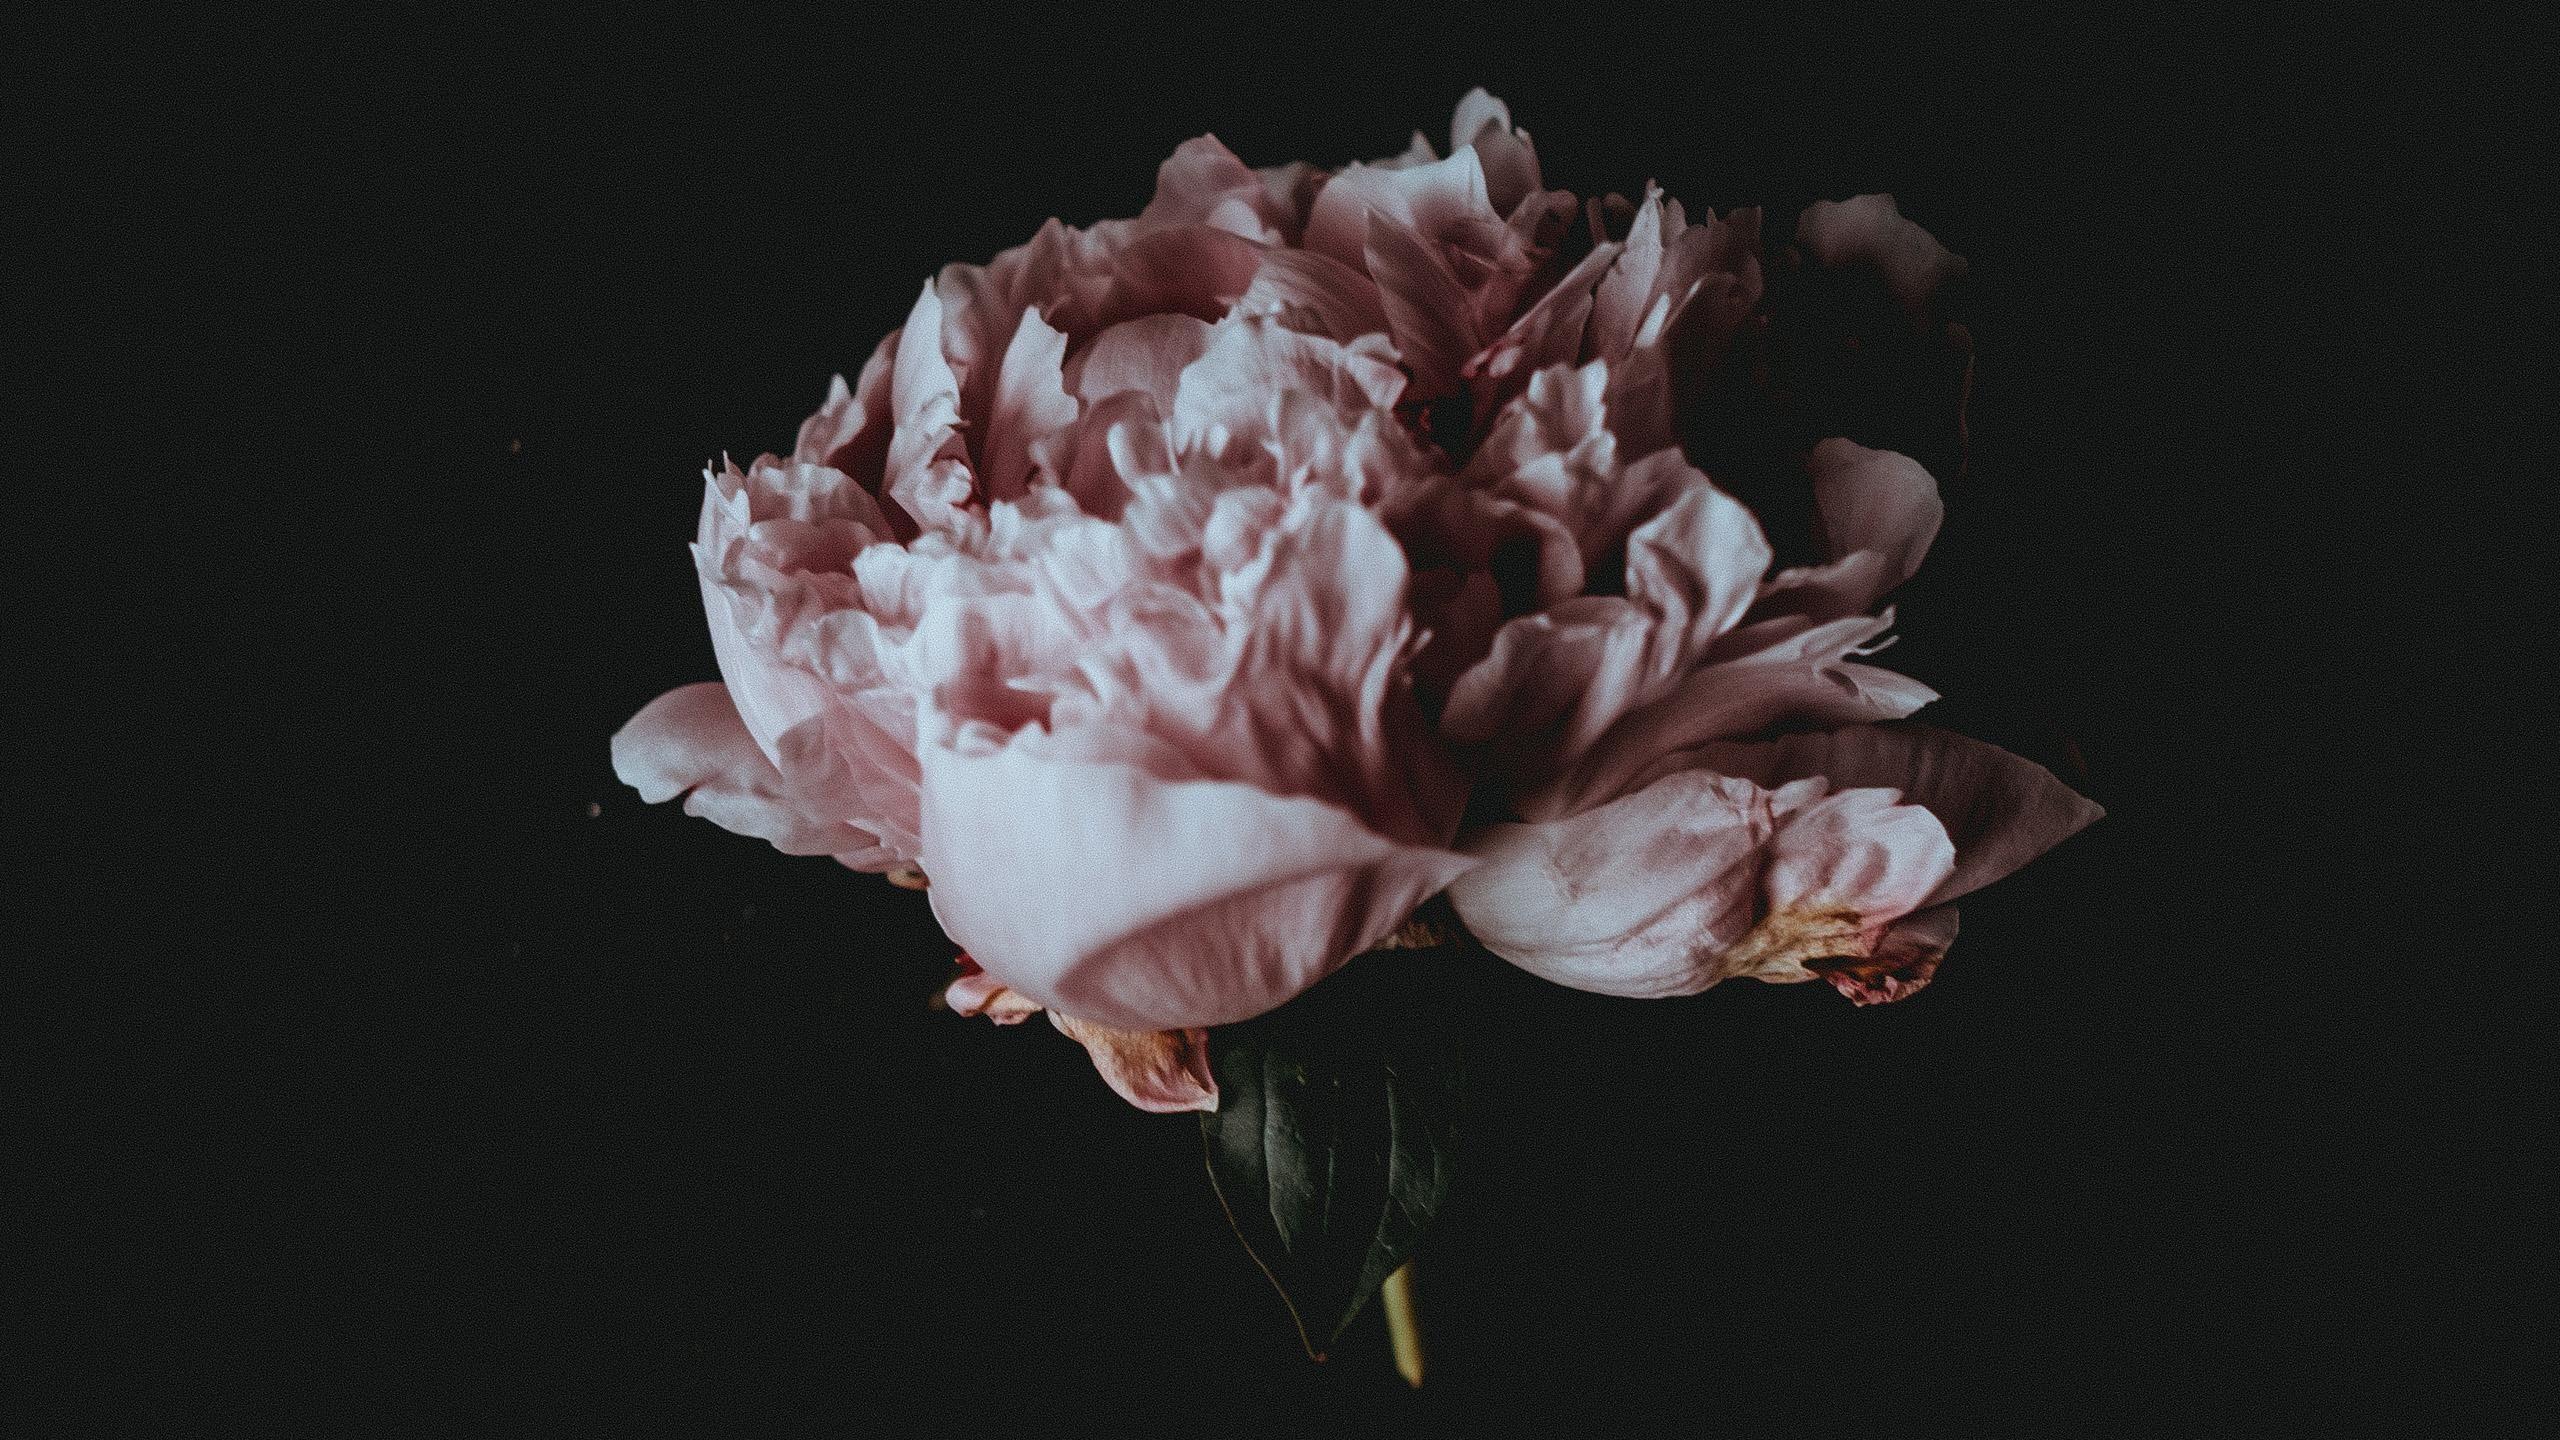 annie spratt [2560x1440] via Classy Bro Pink flower